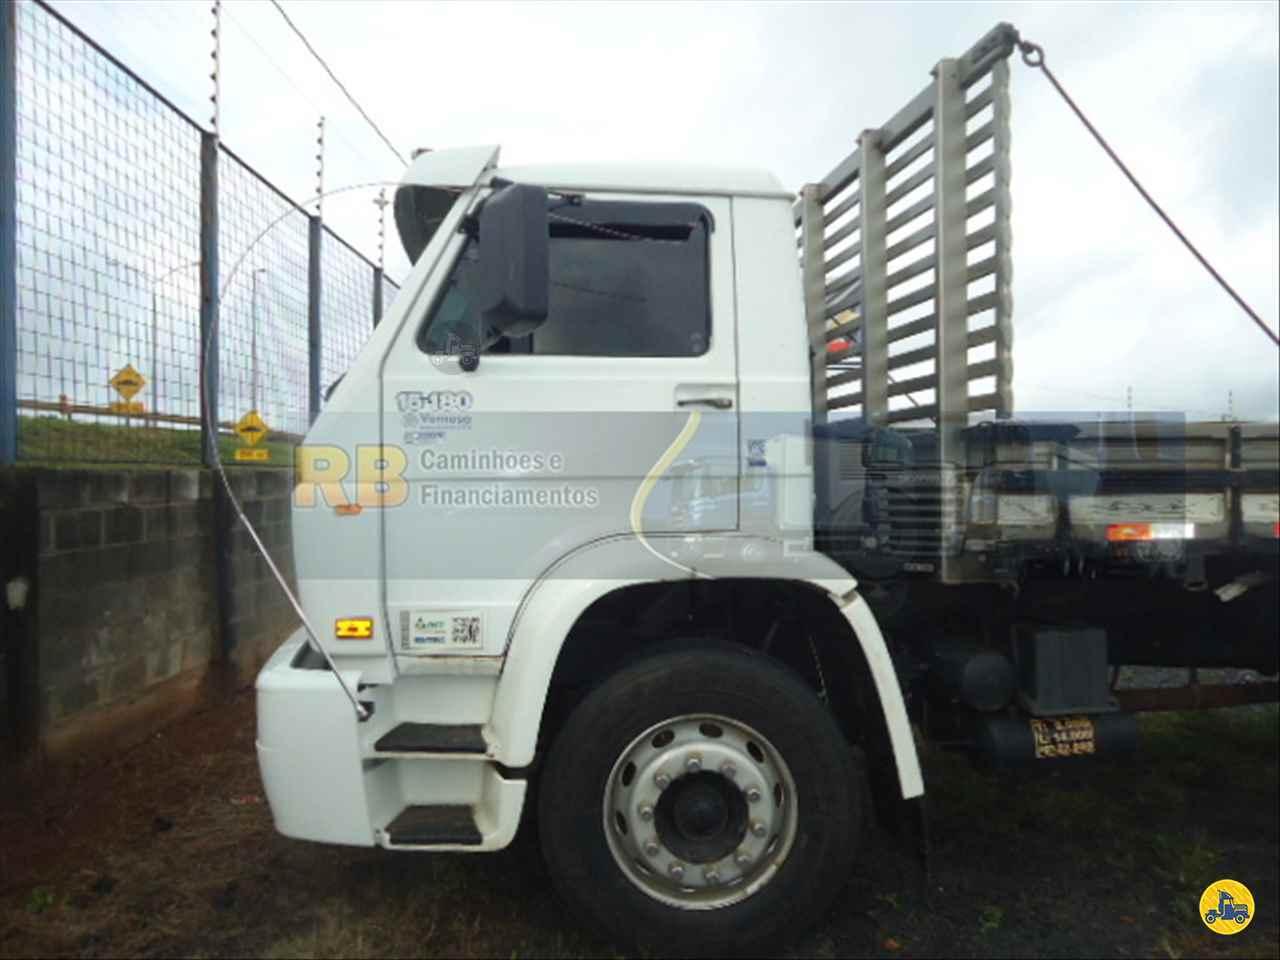 CAMINHAO VOLKSWAGEN VW 15180 Carga Seca Truck 6x2 RB Caminhões & Financiamentos ARAGUARI MINAS GERAIS MG